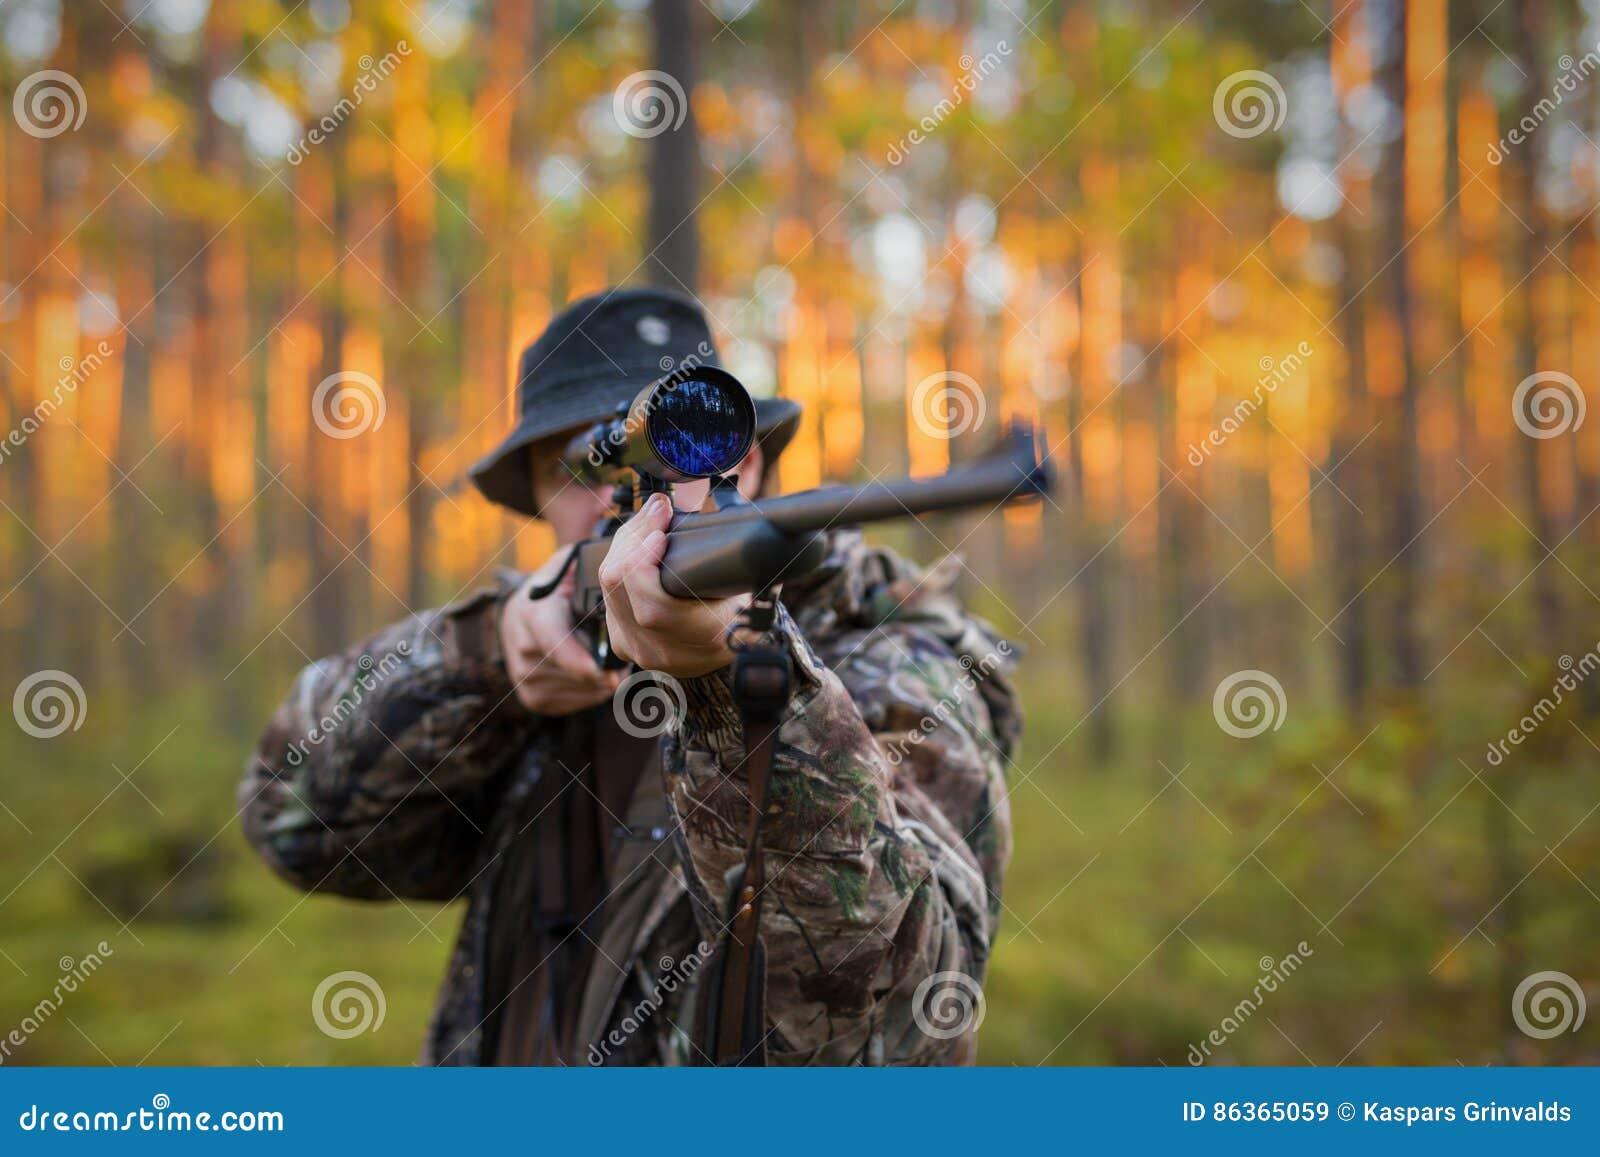 Hunter shooting a hunting gun